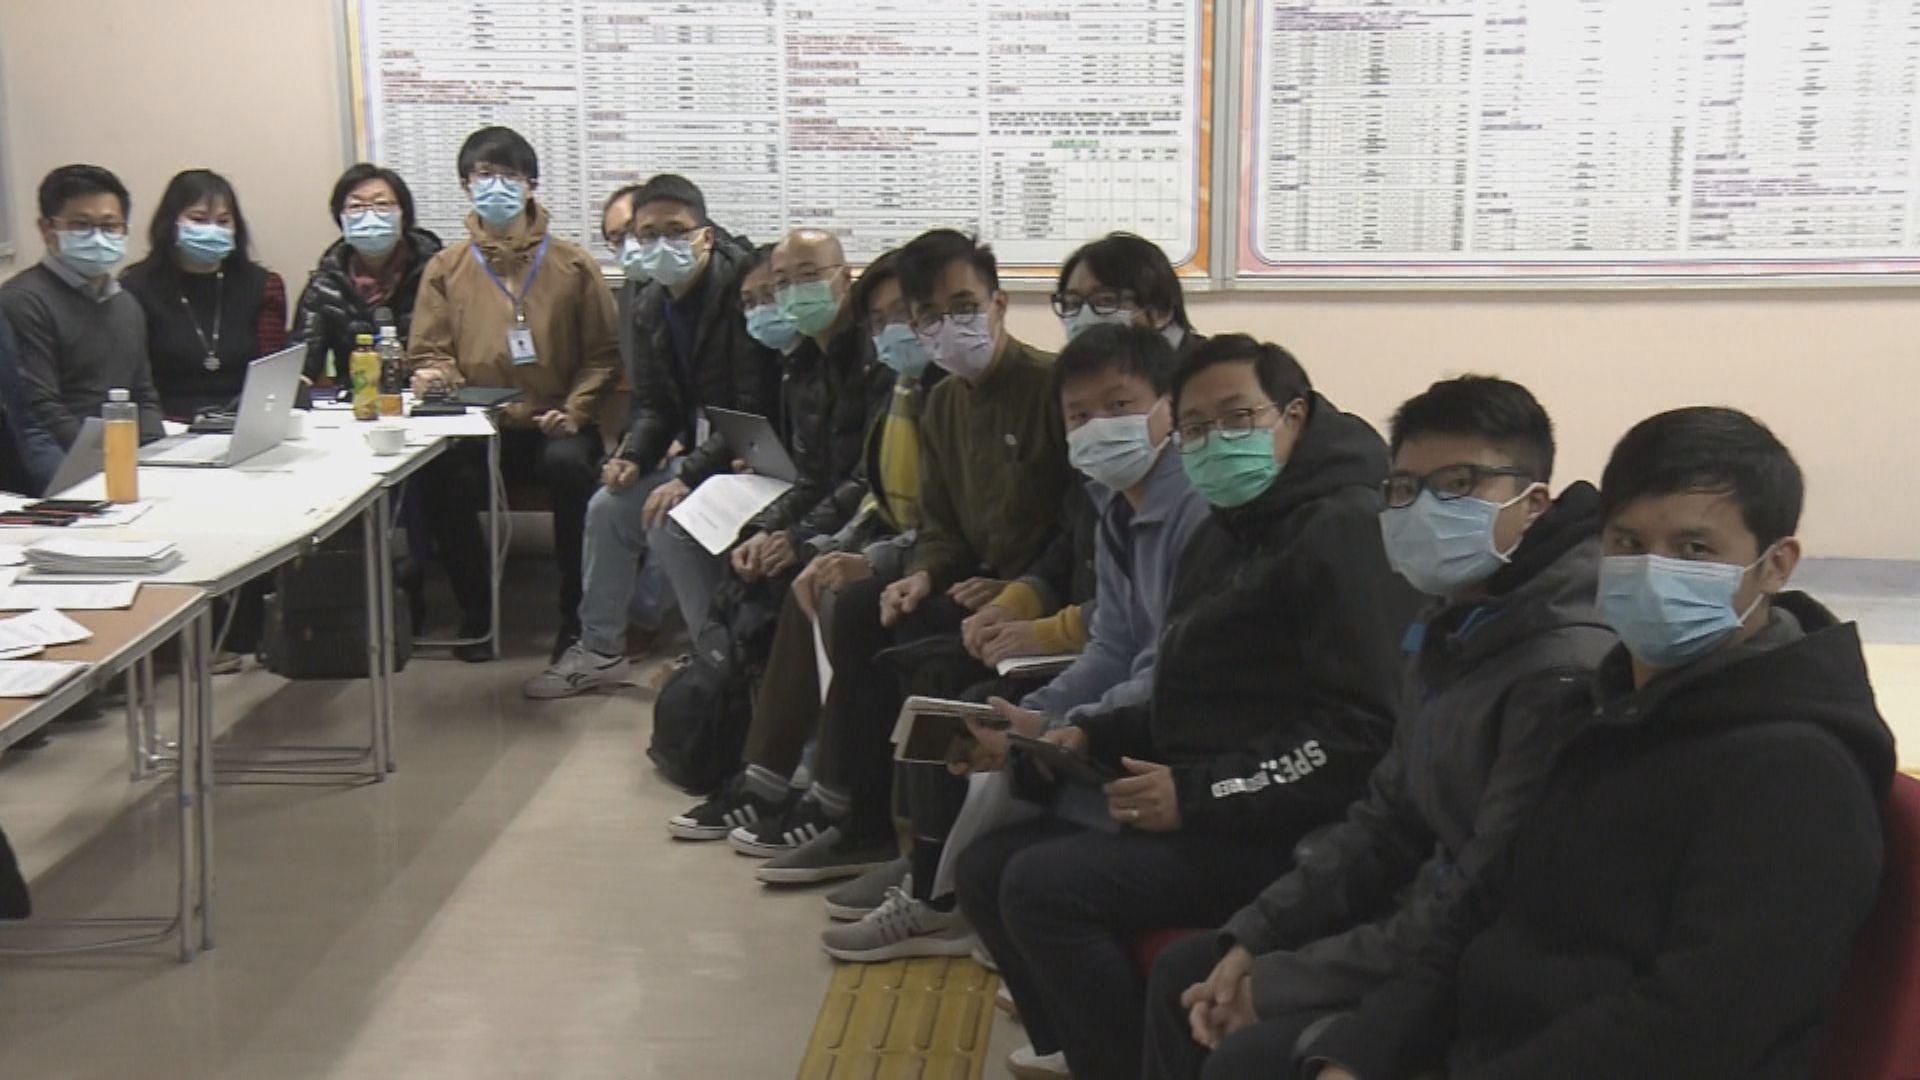 屯門區議會在民政處缺席下開會商防疫措施